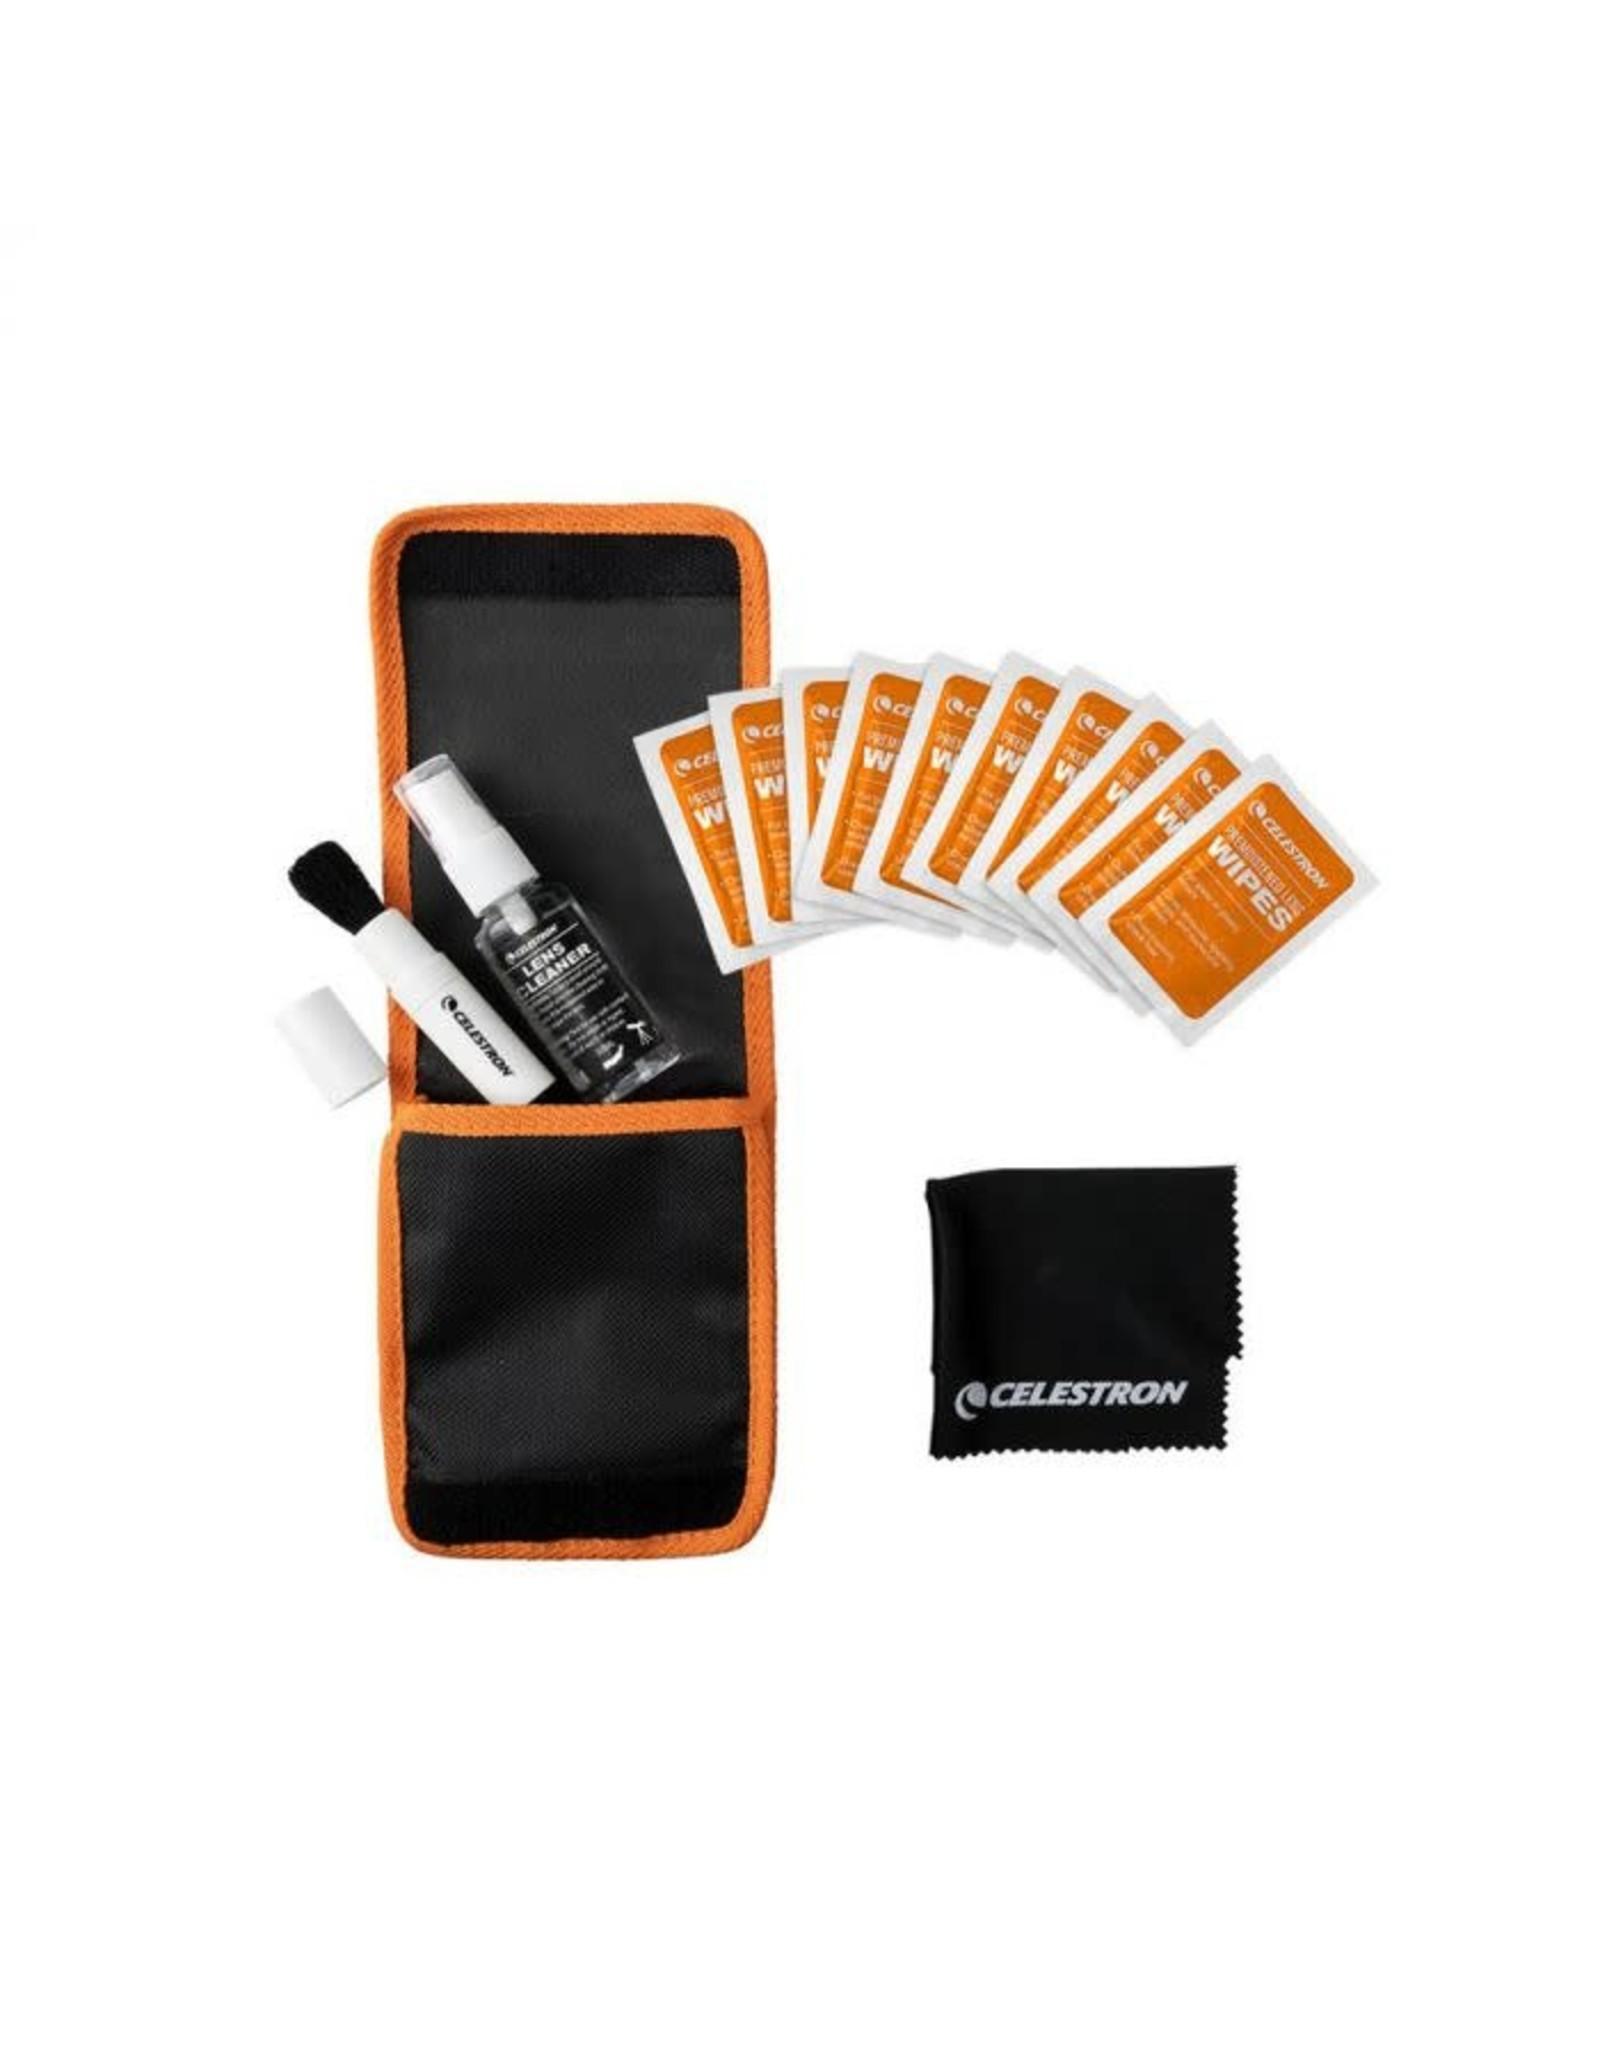 Celestron Celestron Lens Cleaning Kit